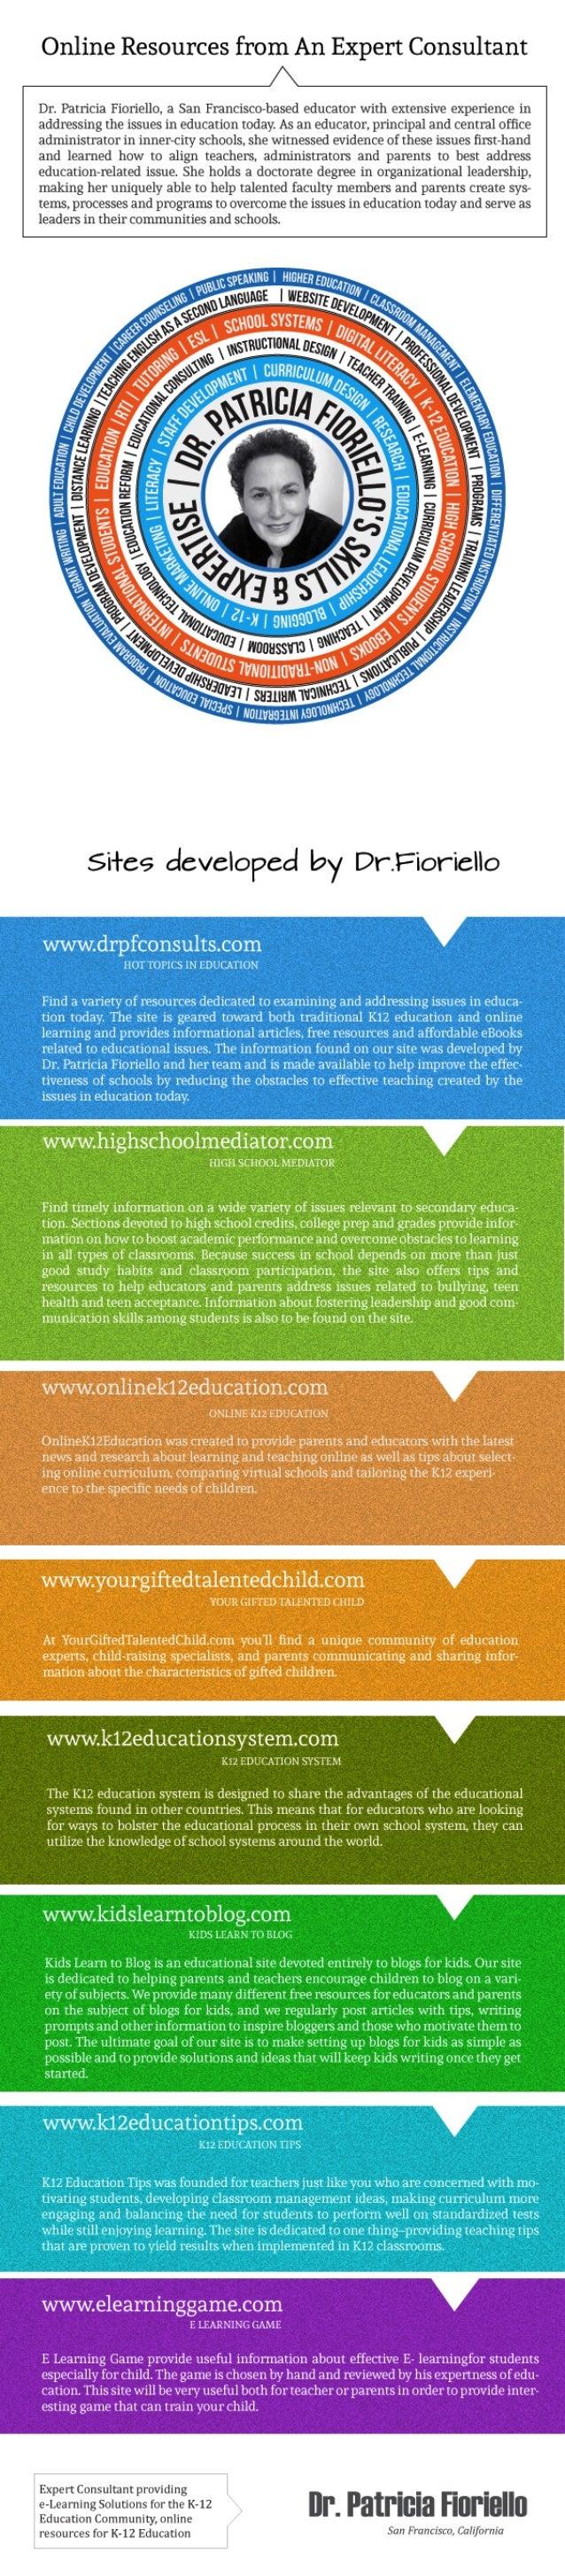 Dr. Patricia Fioriello's Websites